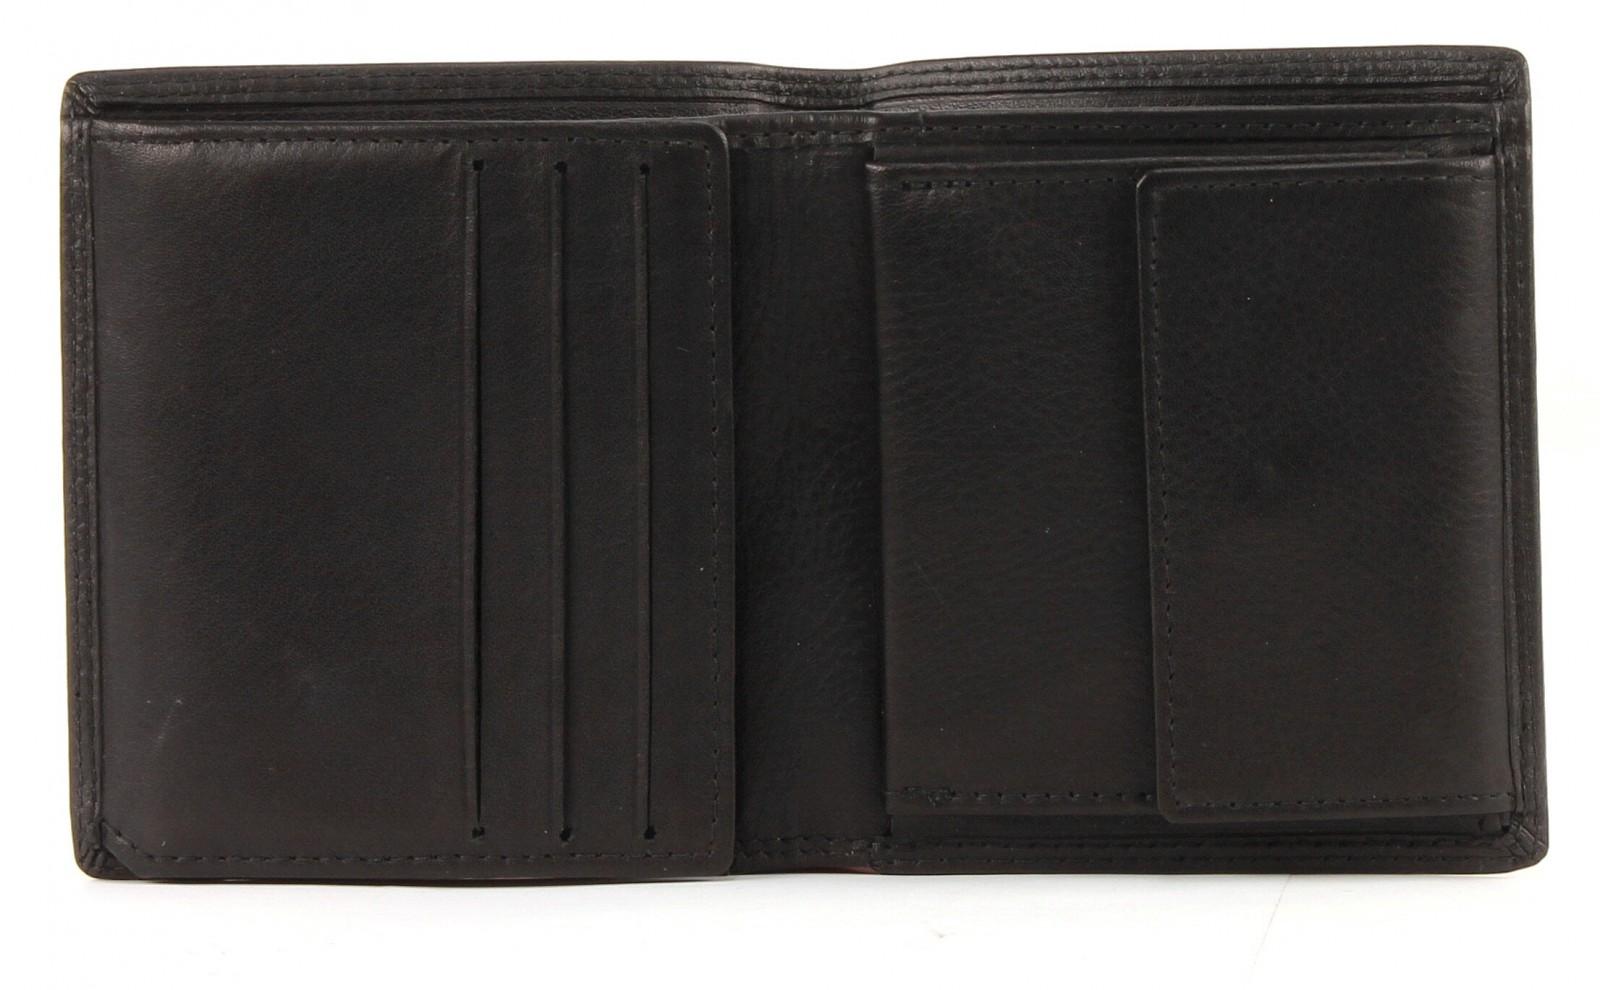 Samsonite Attack Quadrat Wallet with Flap Black